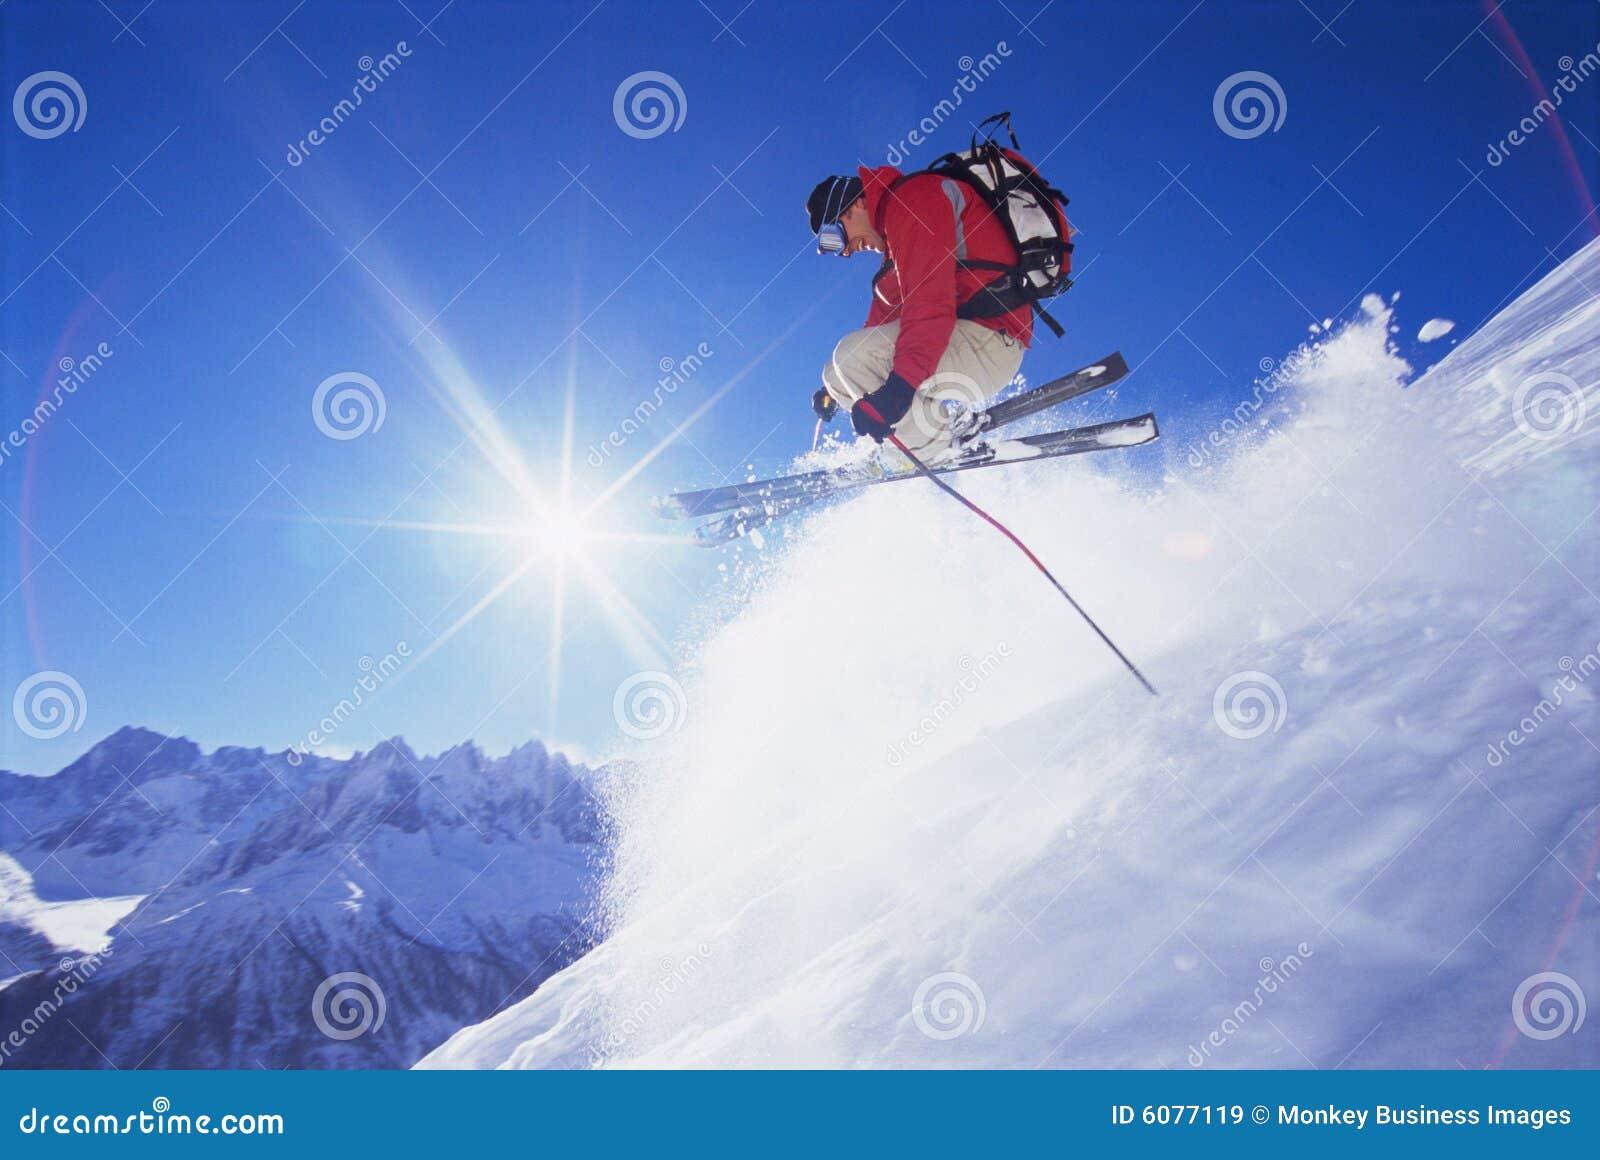 Esqui do homem novo